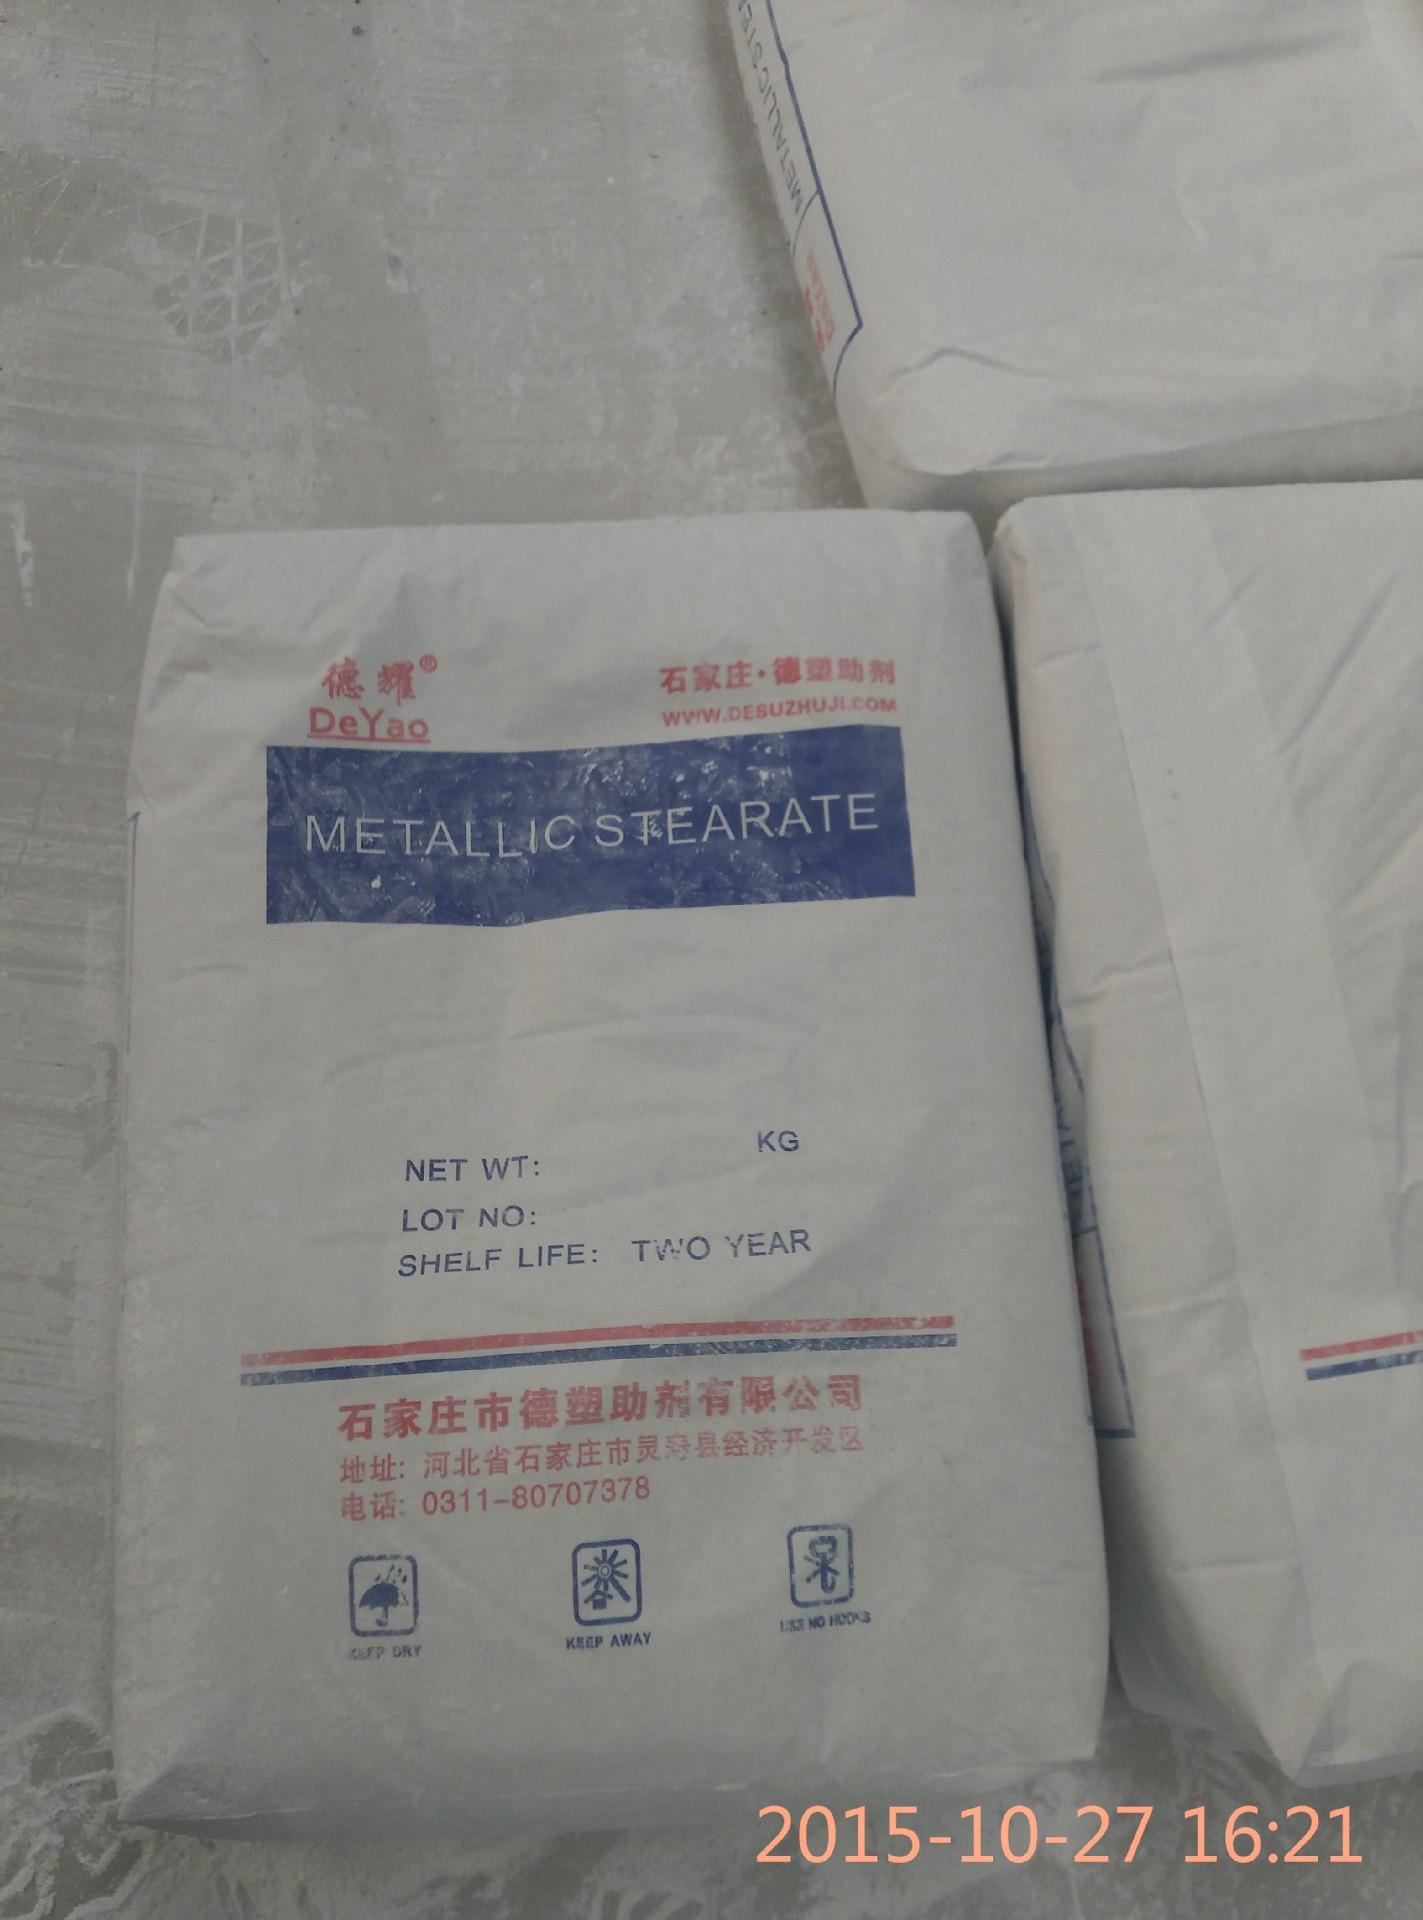 硬脂酸廠家銷售鈣涂料橡膠用熱穩定劑潤滑劑 量大從優